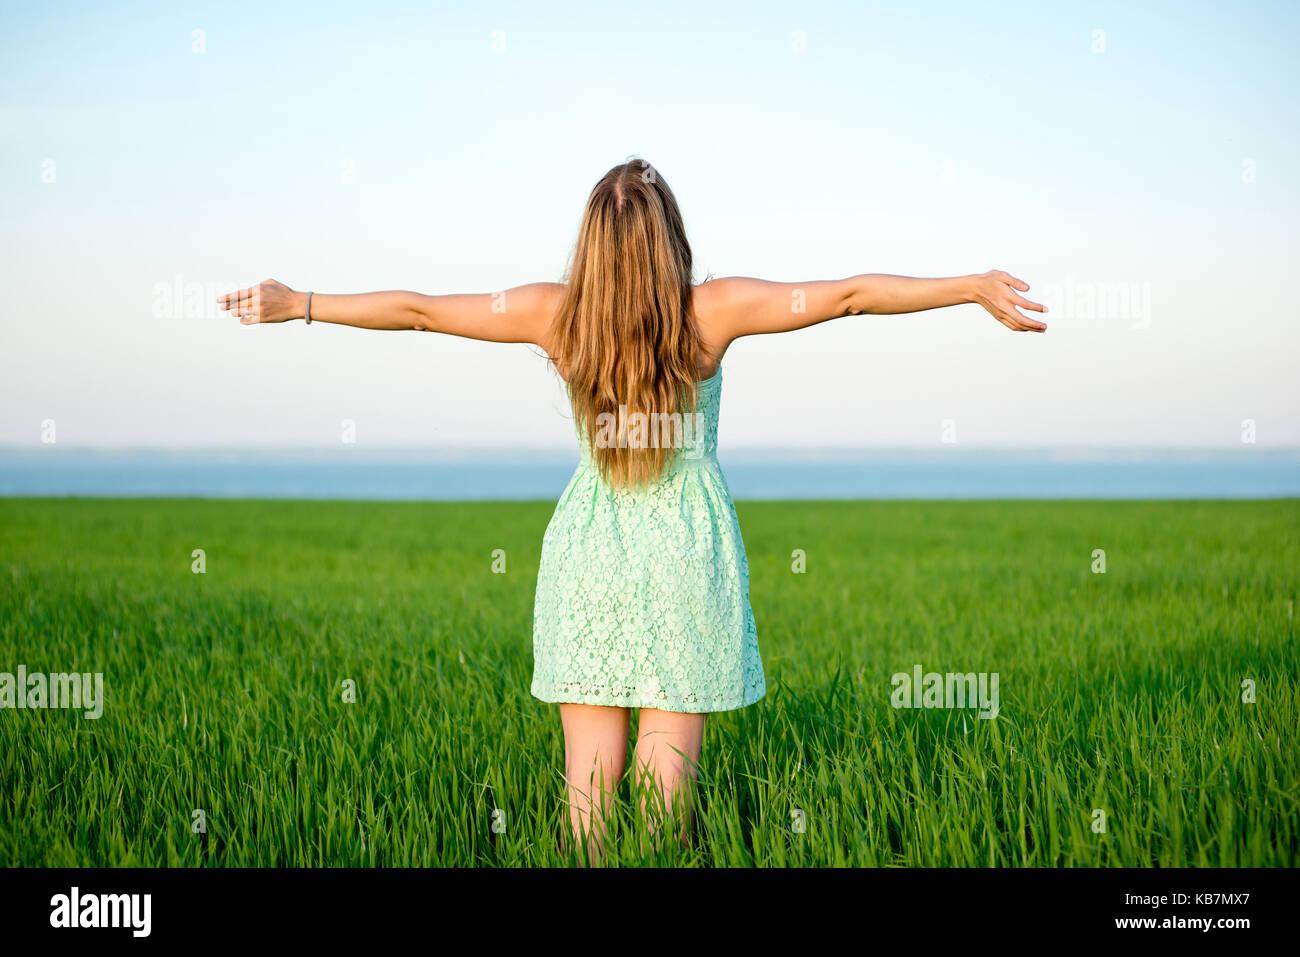 La felicità della donna soggiorno all'aperto sotto la luce del sole del tramonto Immagini Stock